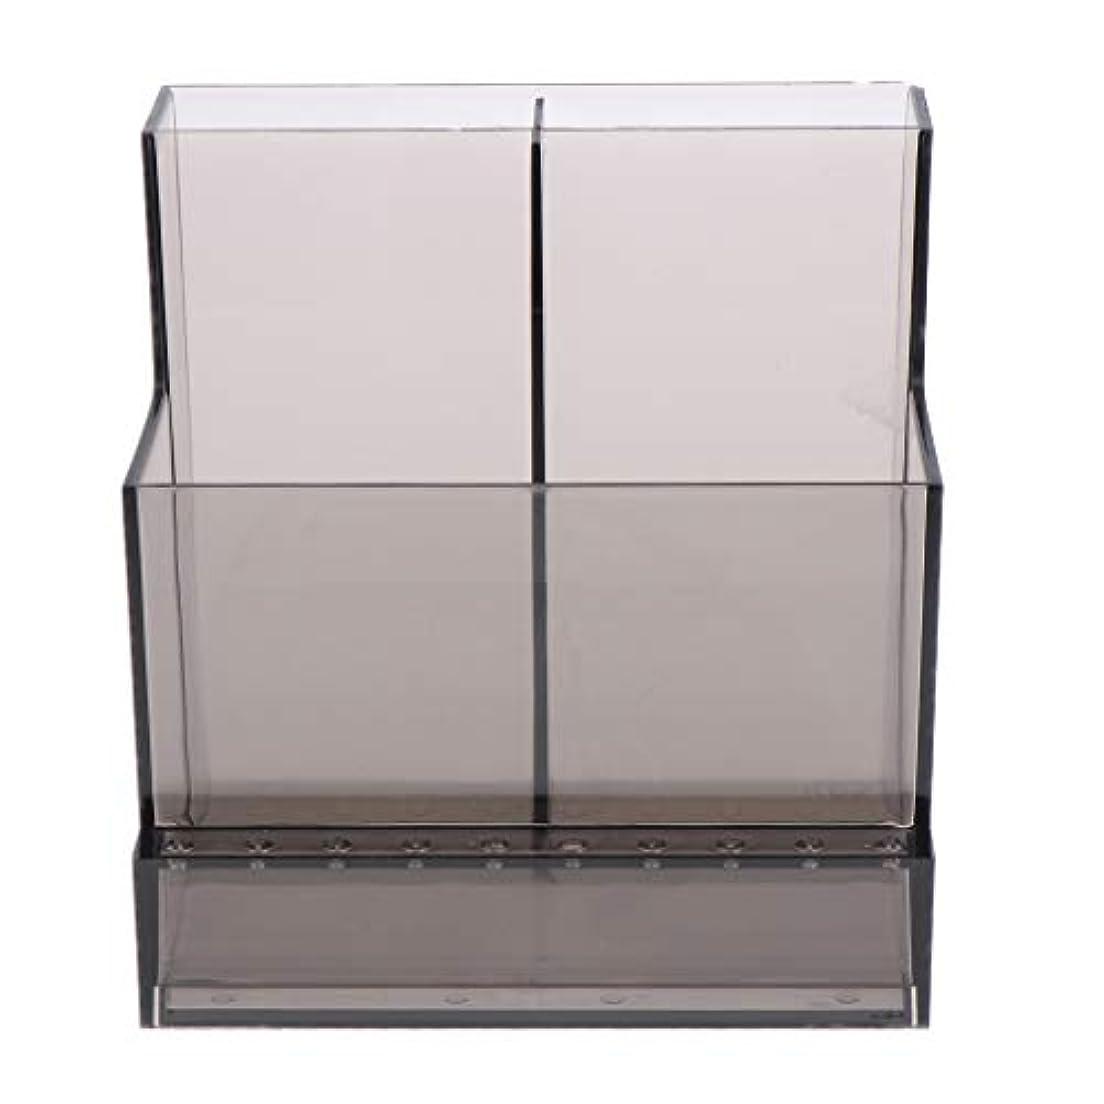 容器非互換笑いネイルアート 化粧ブラシ ドリルビットホルダー 収納スタンド アクリル 2色選べ - ブラック